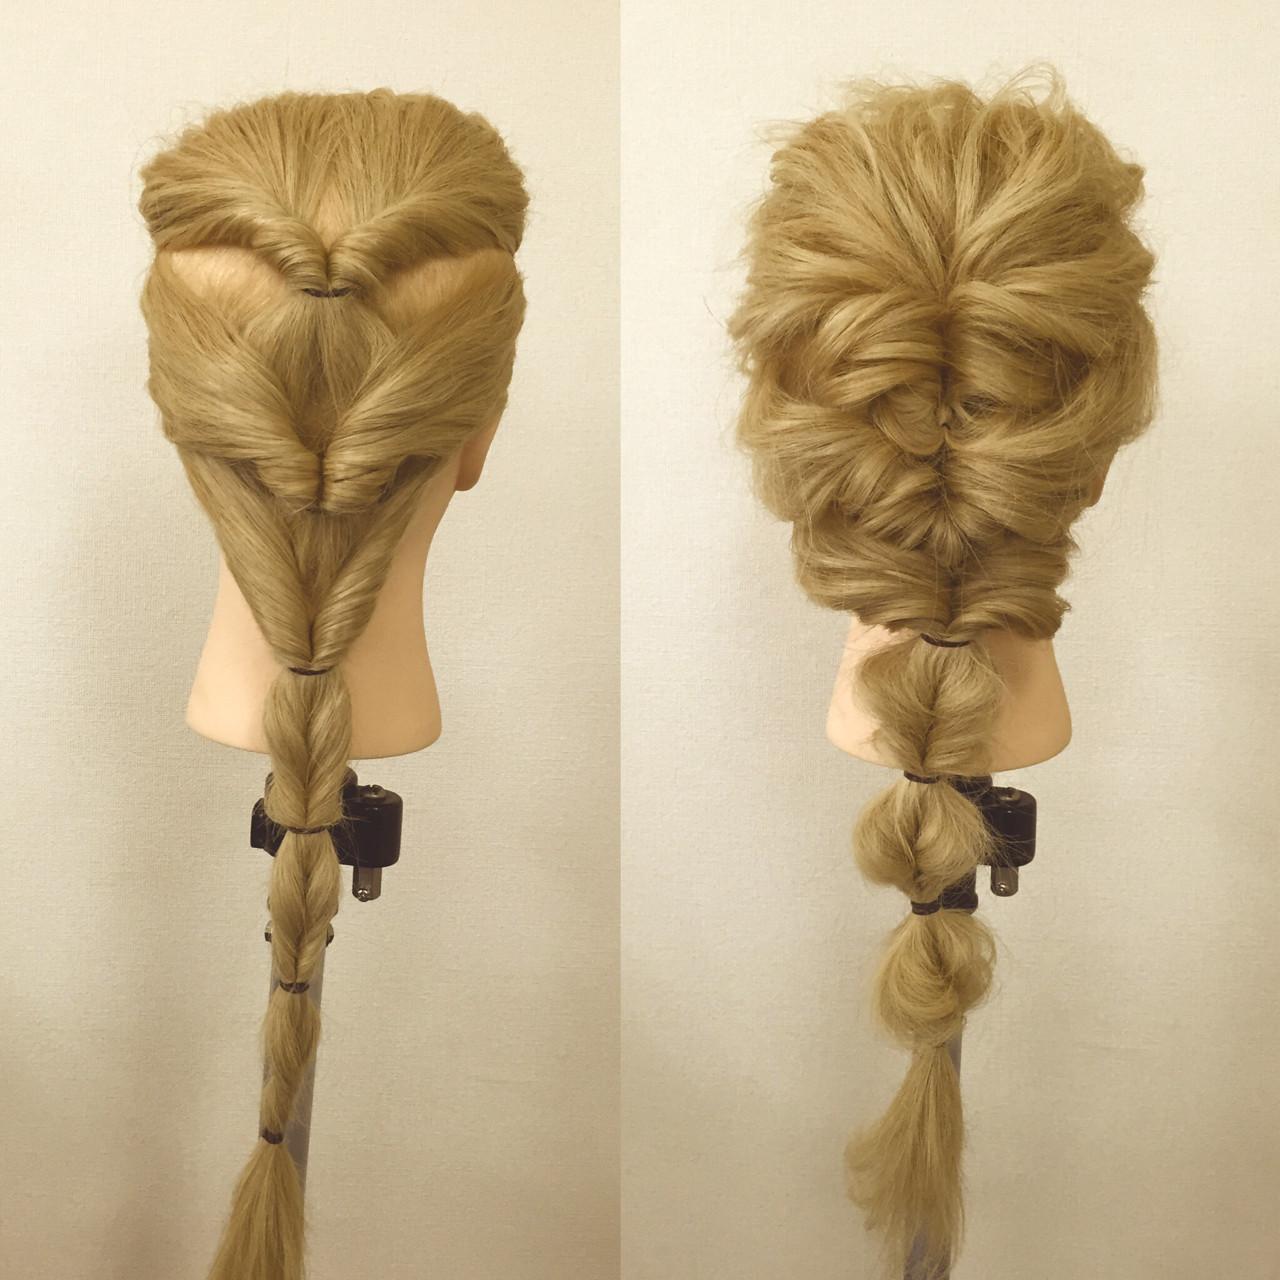 最短時間は1分!誰でもできる簡単編み込み風ヘアアレンジ♡ 佐藤 允美 / Hair Space ACT LOCALLY